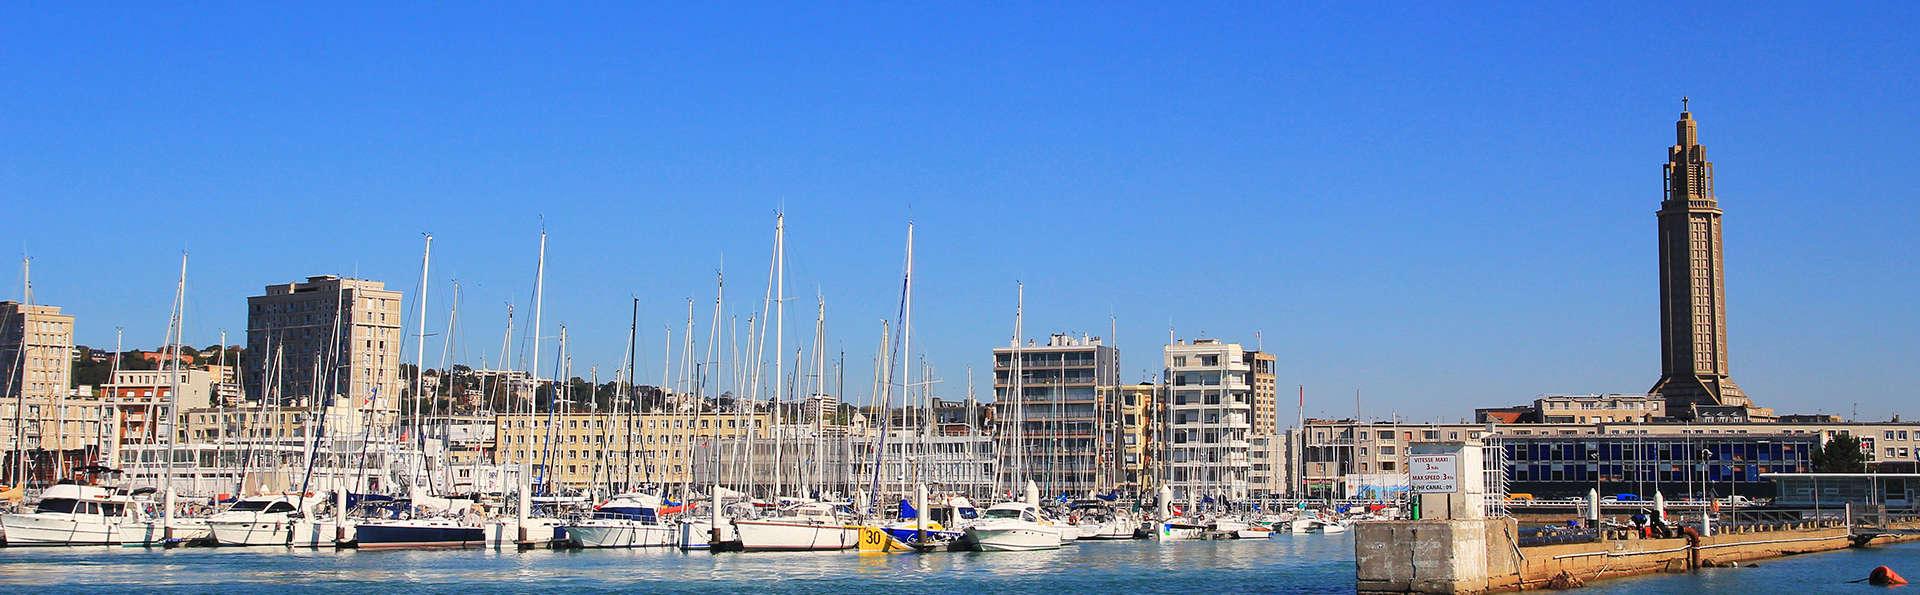 Mercure le Havre - Edit_LeHavre.jpg